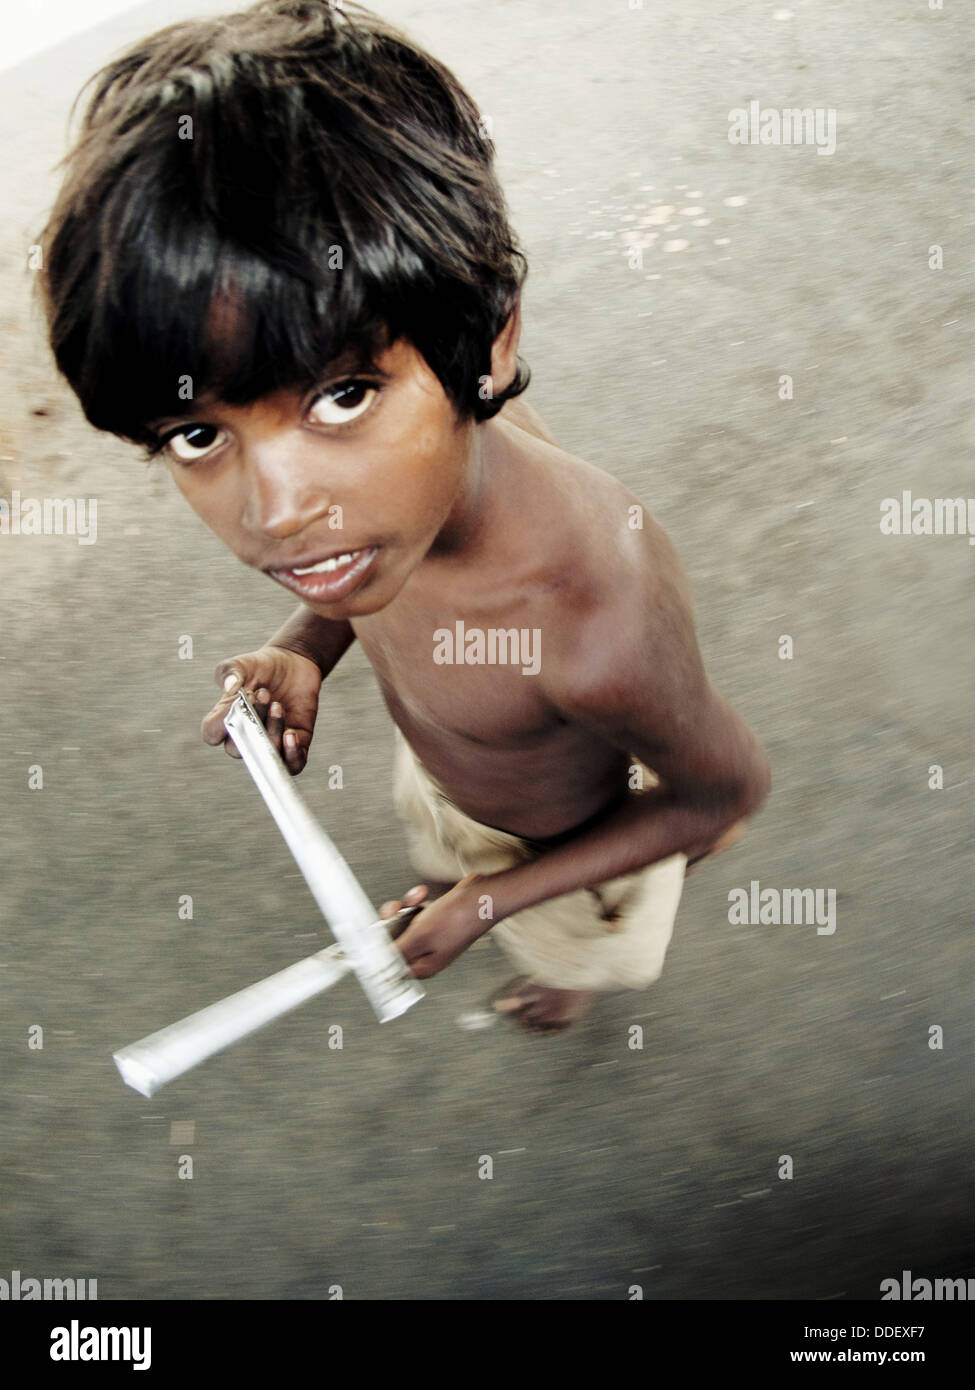 Untouchable boy in a station, Mumbai, Maharashtra, India - Stock Image